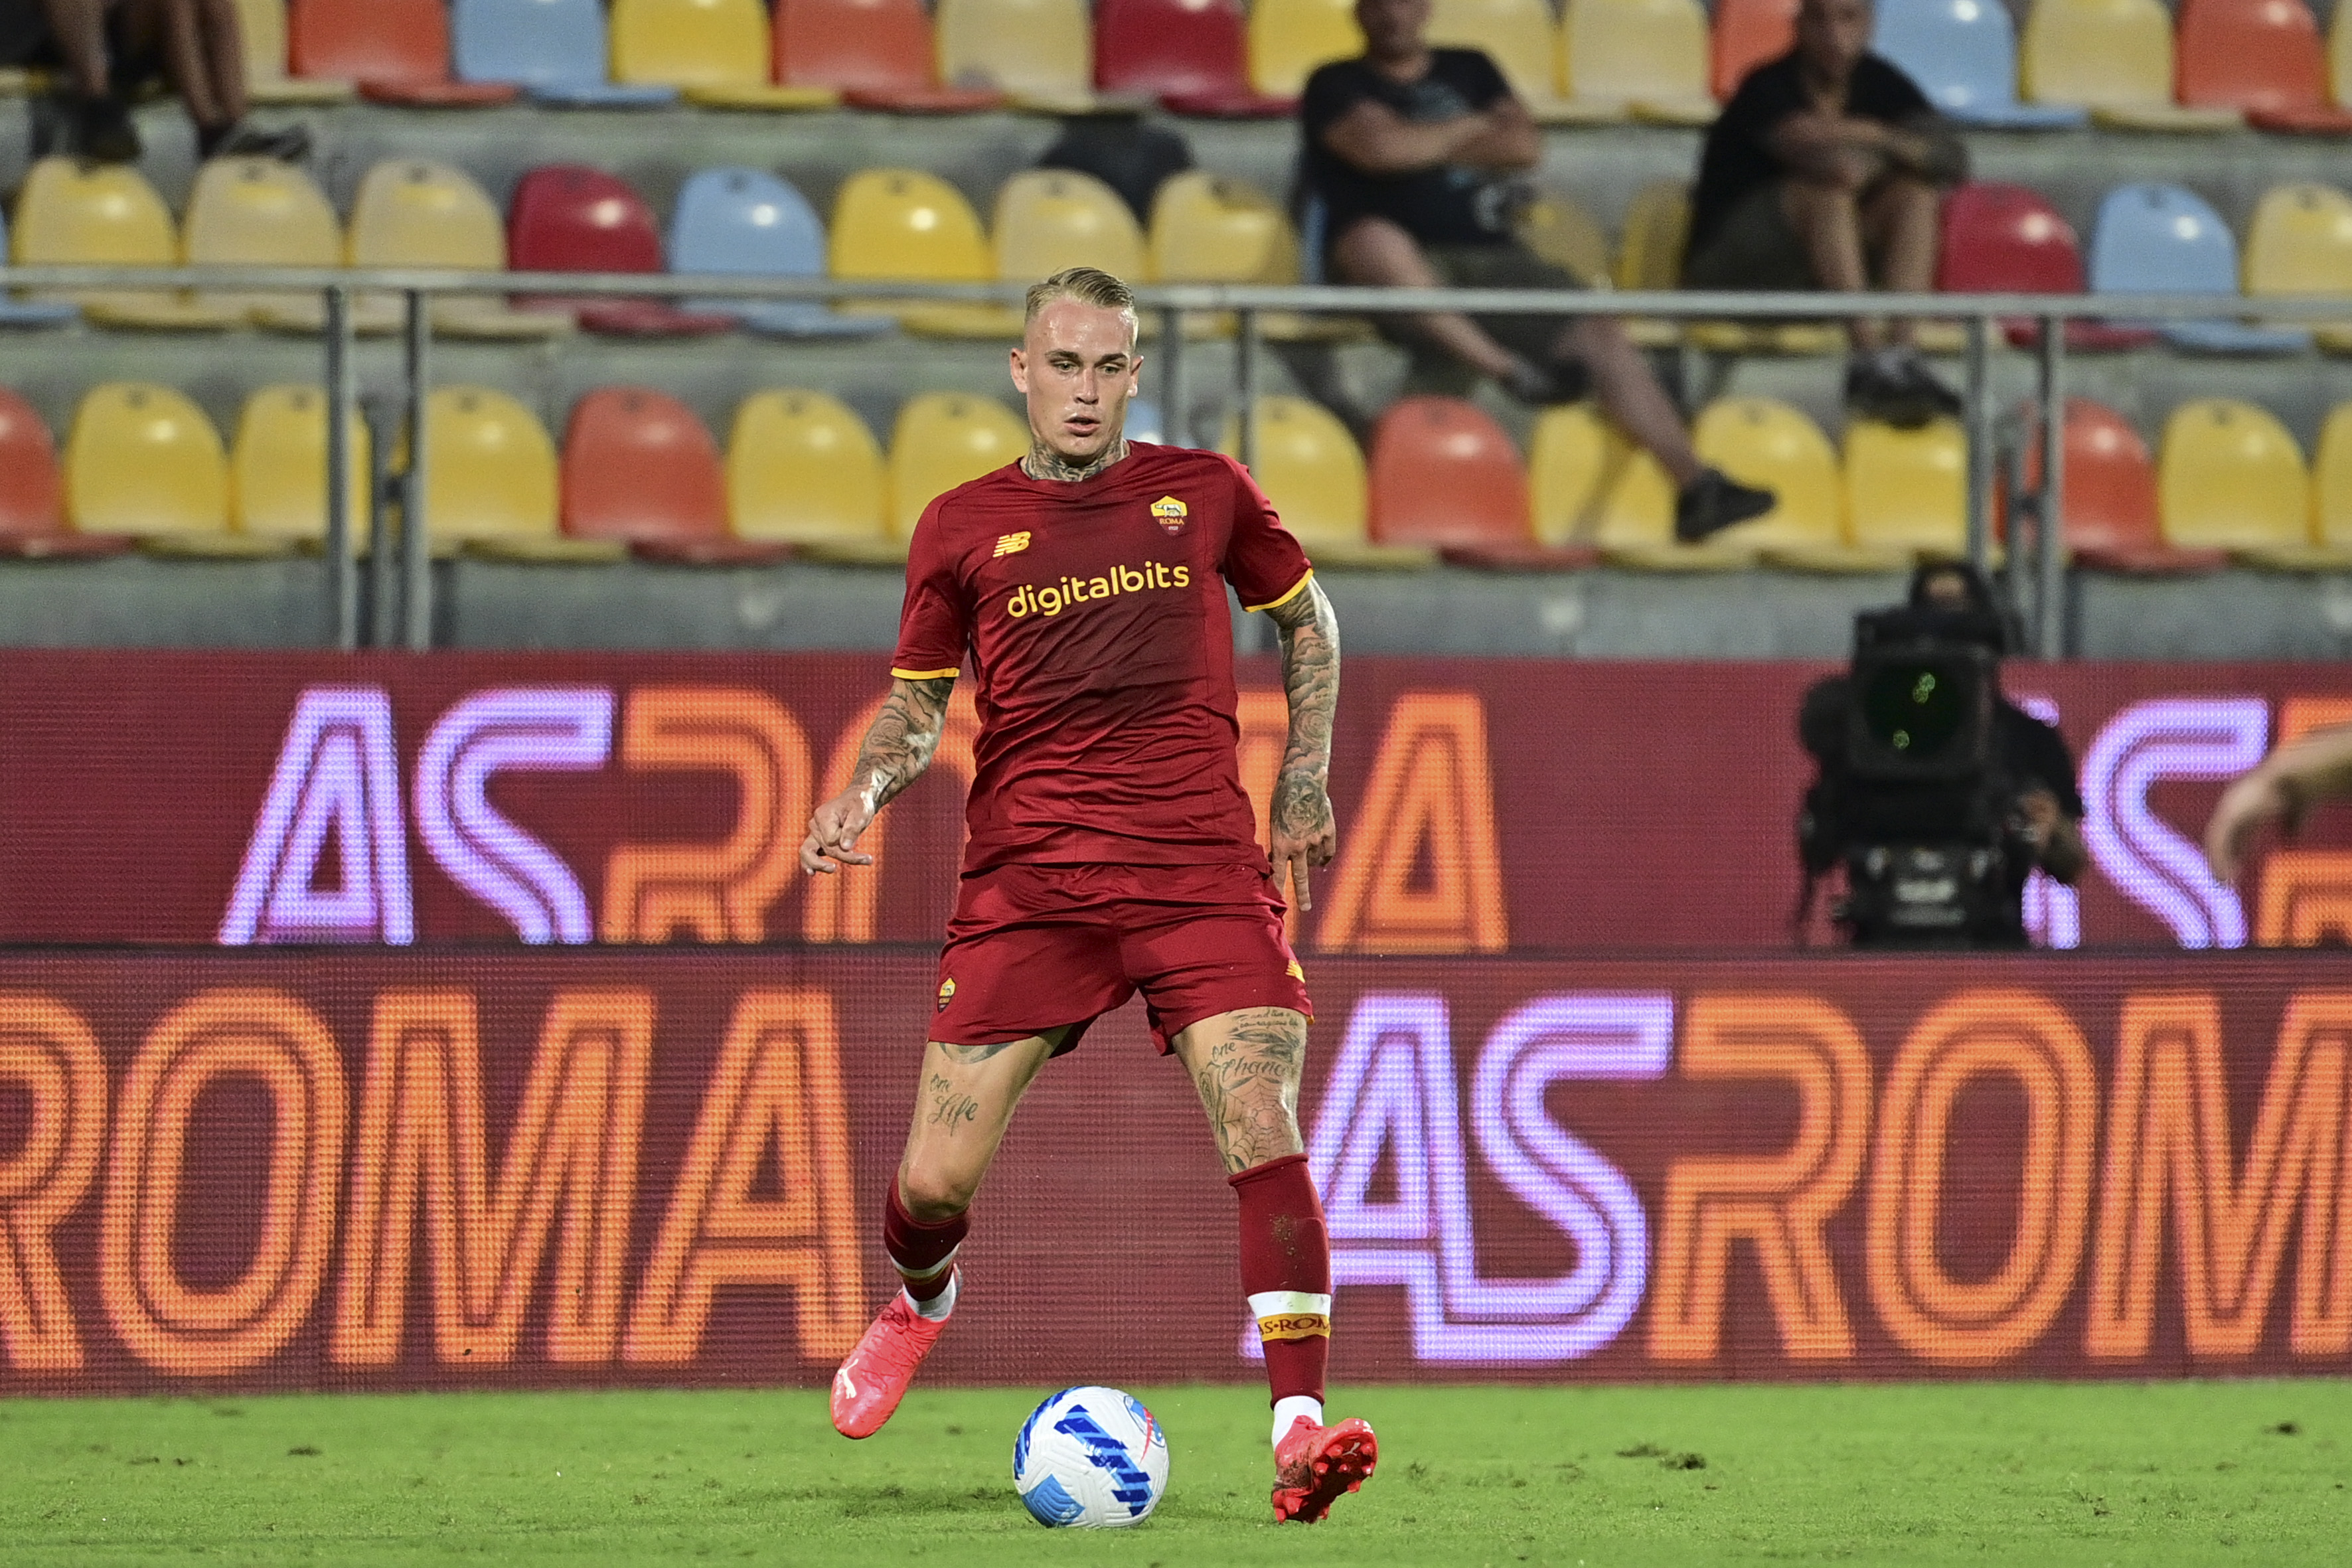 AS Roma v Debreceni - Pre-Season Friendly